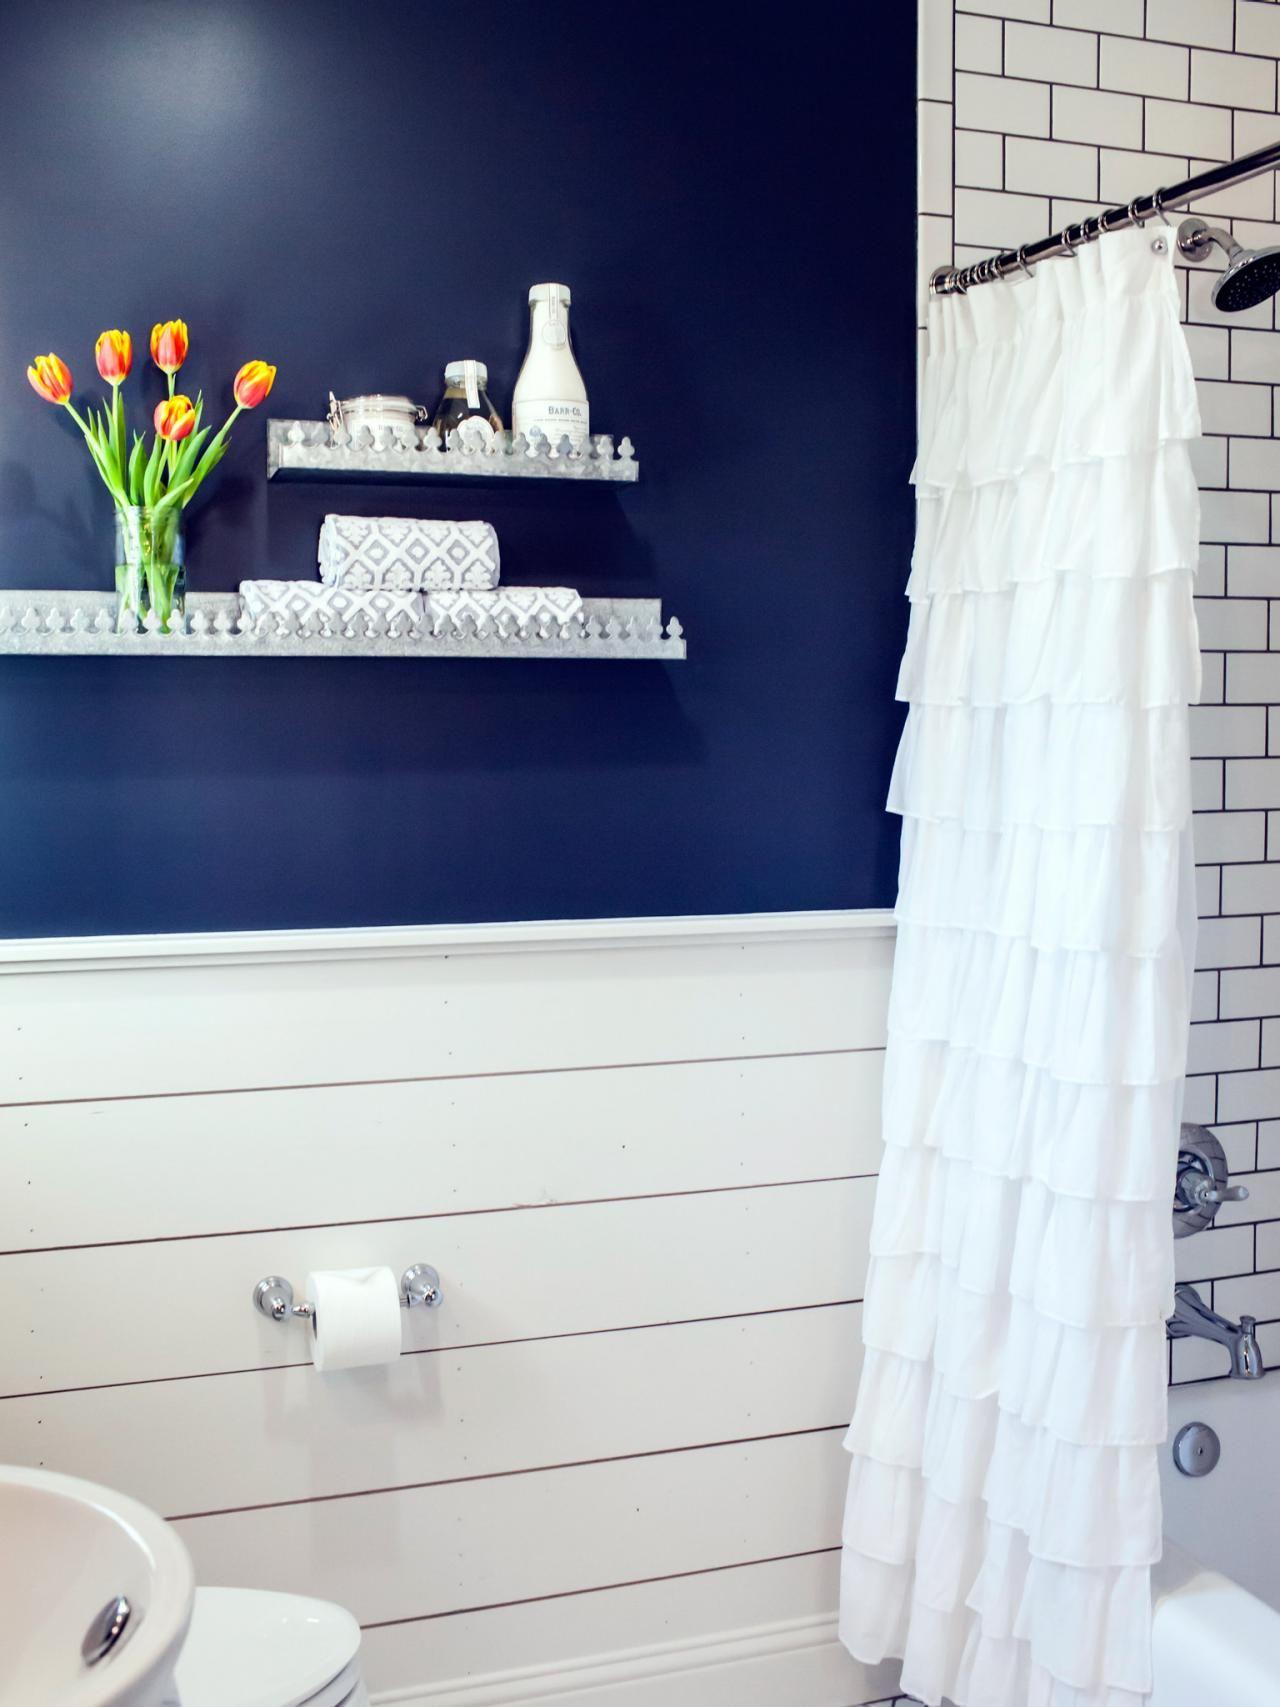 Badezimmer ideen blau  bezaubernd marine blau und weiß badezimmer bild konzept  mehr